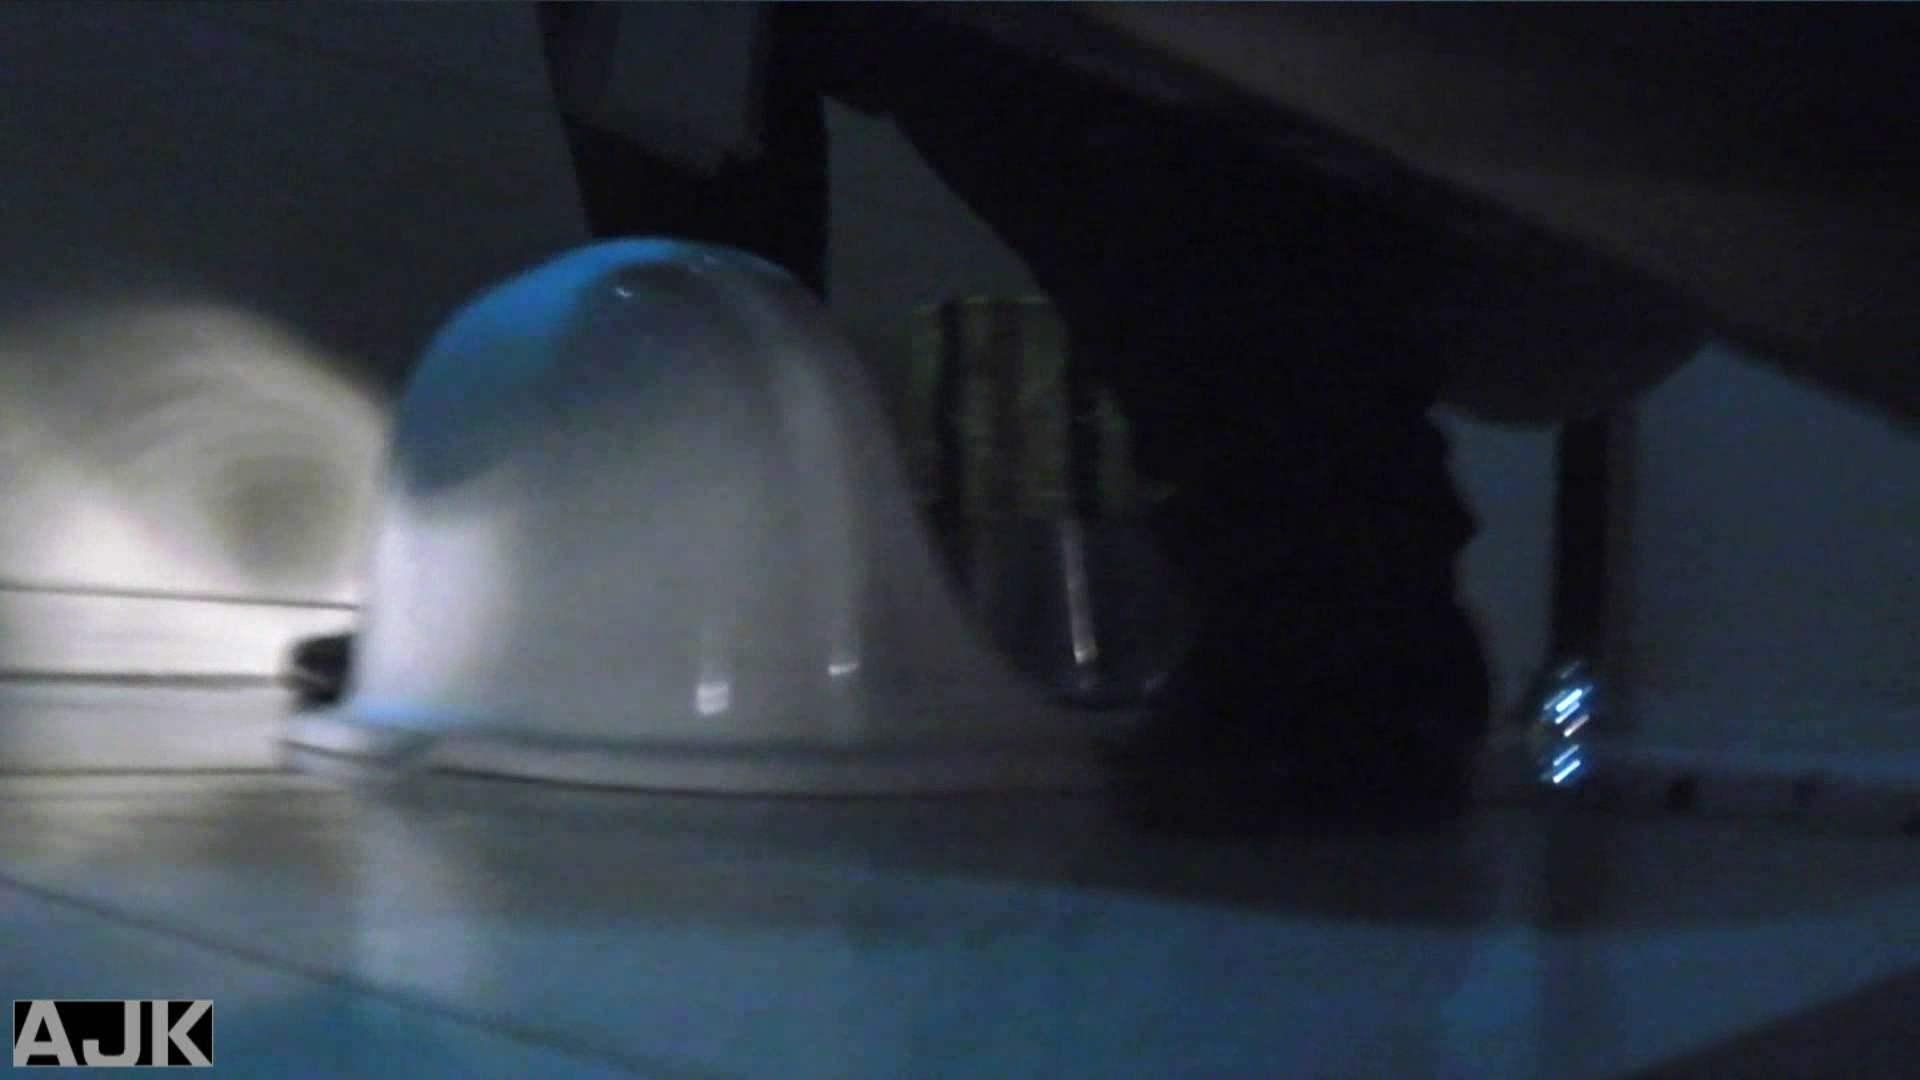 神降臨!史上最強の潜入かわや! vol.05 OLのプライベート オマンコ無修正動画無料 13pic 2